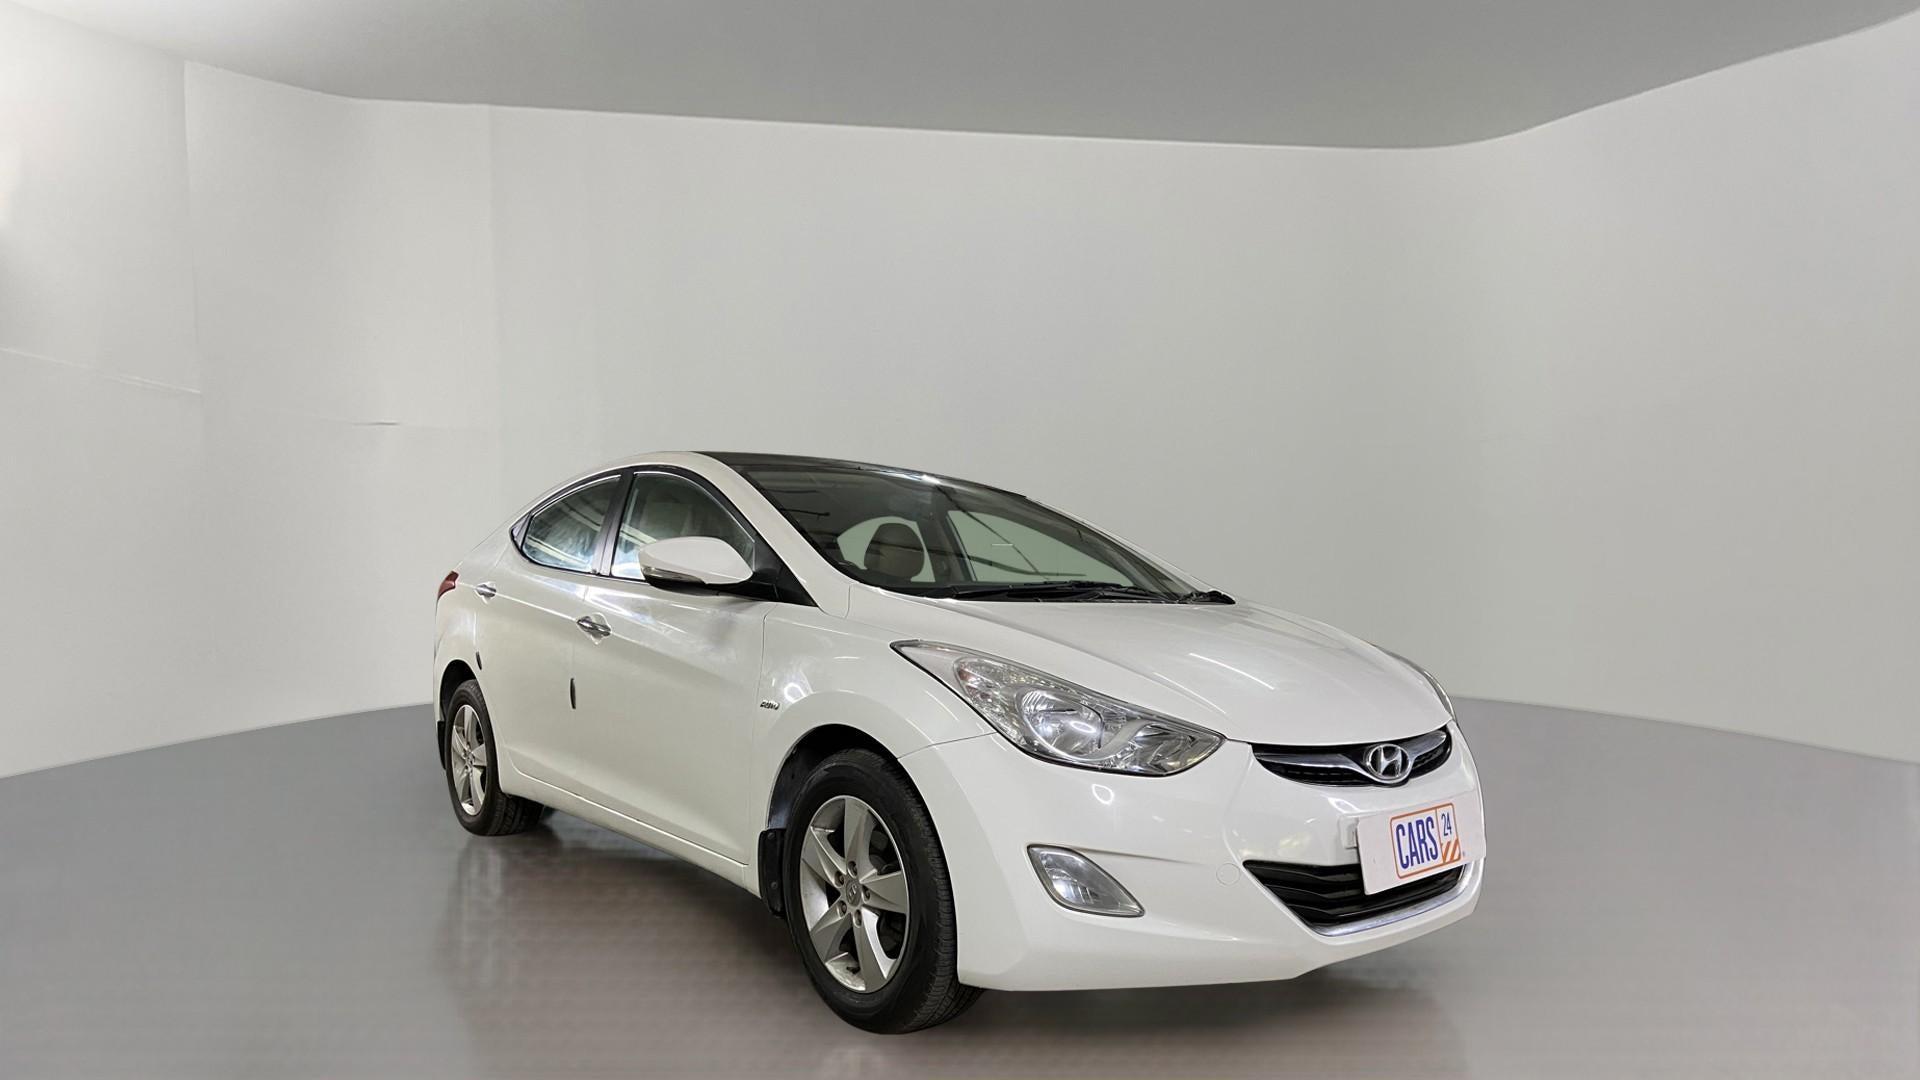 2013 Hyundai New Elantra SX 1.8 AT